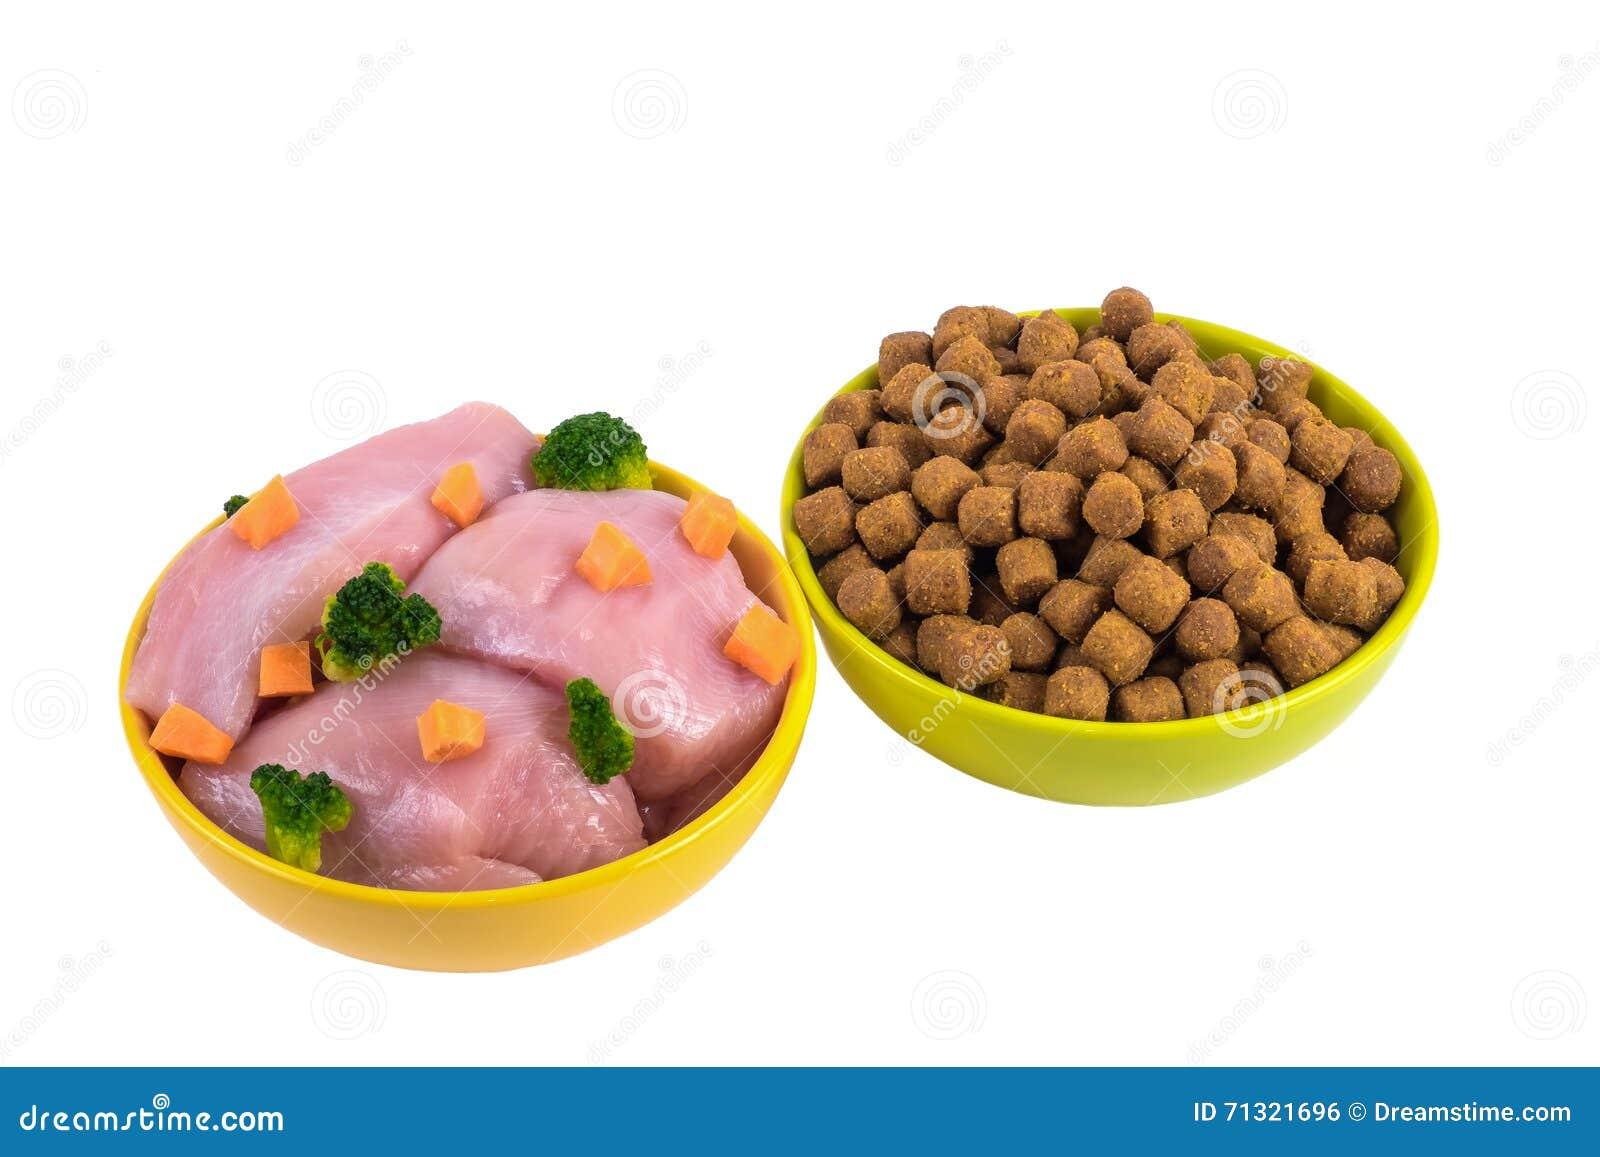 Alimento para cães seco e alimento para cães natural em umas bacias cerâmicas isoladas em w